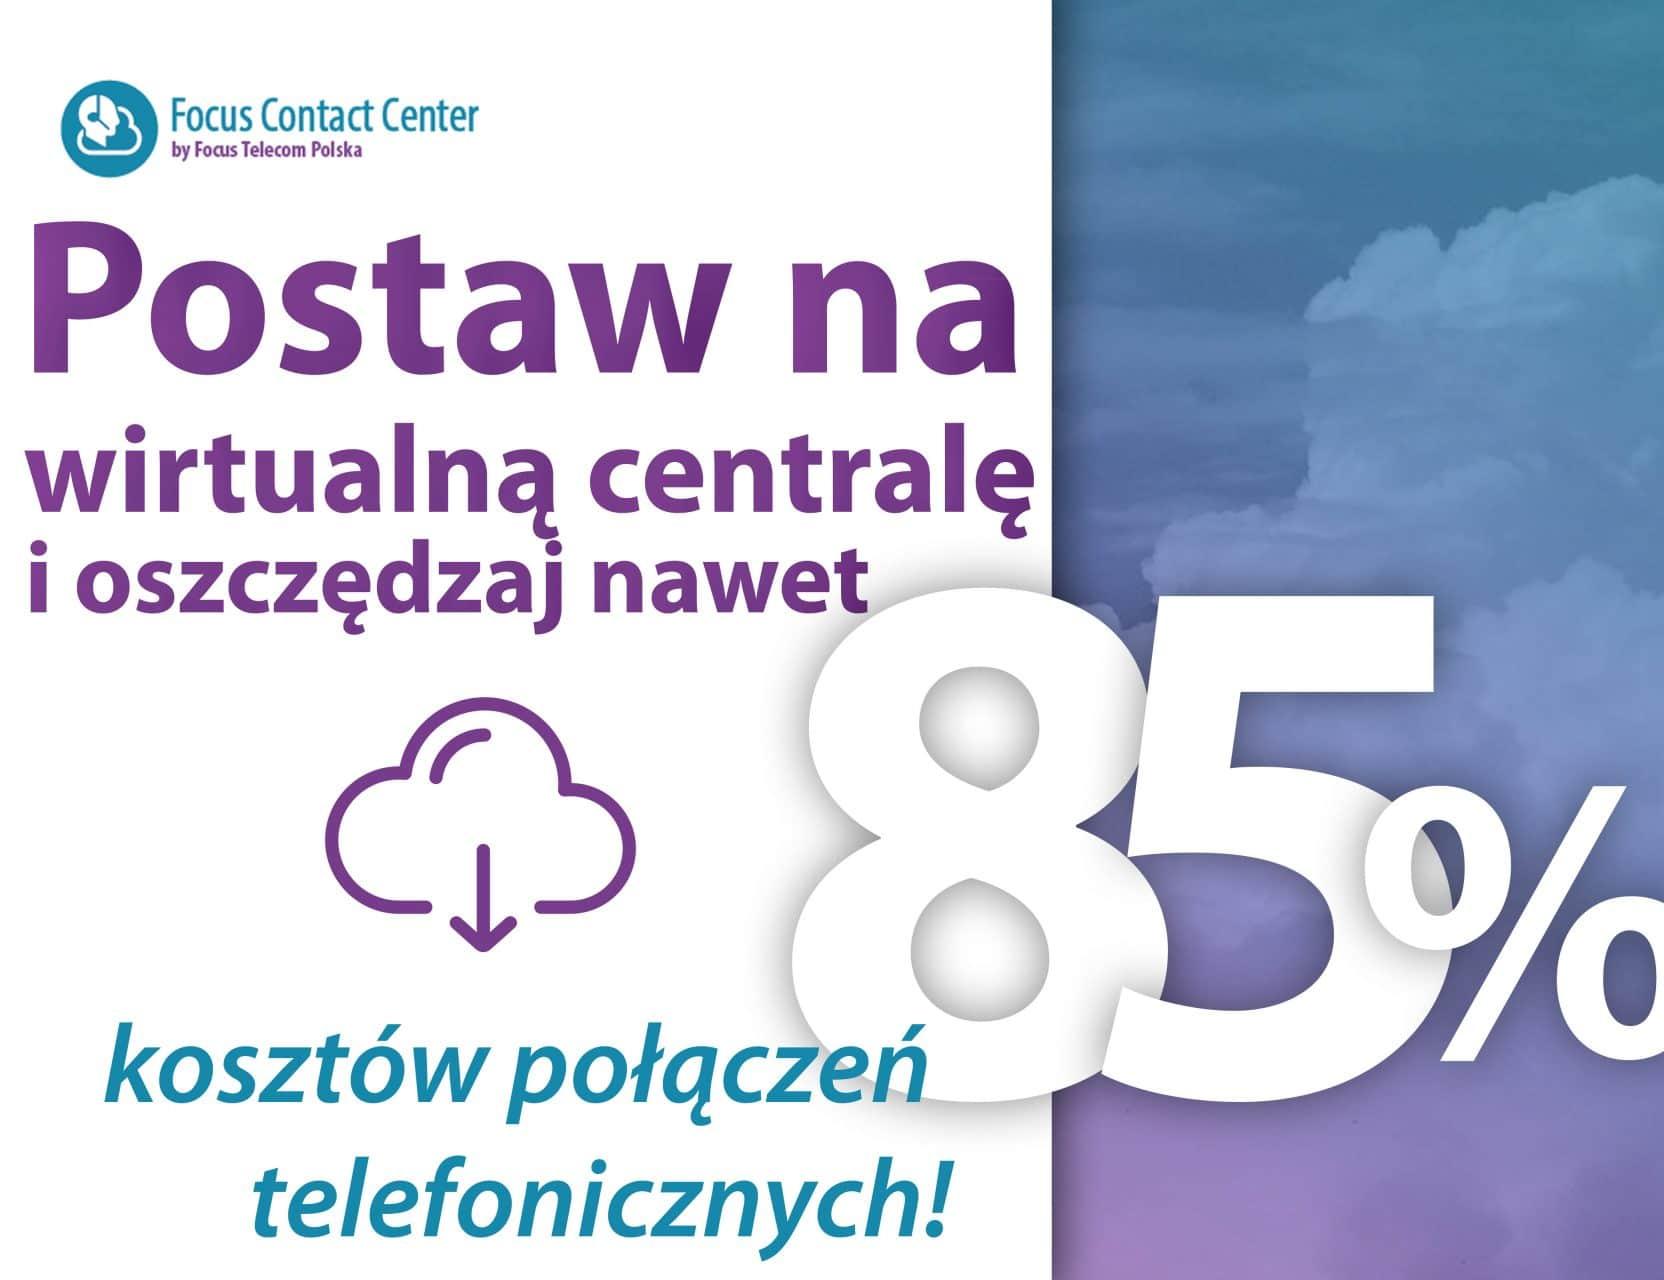 E-book wirtualna centrala ip pbx - statystyki rozmów telefonicznych w firmie